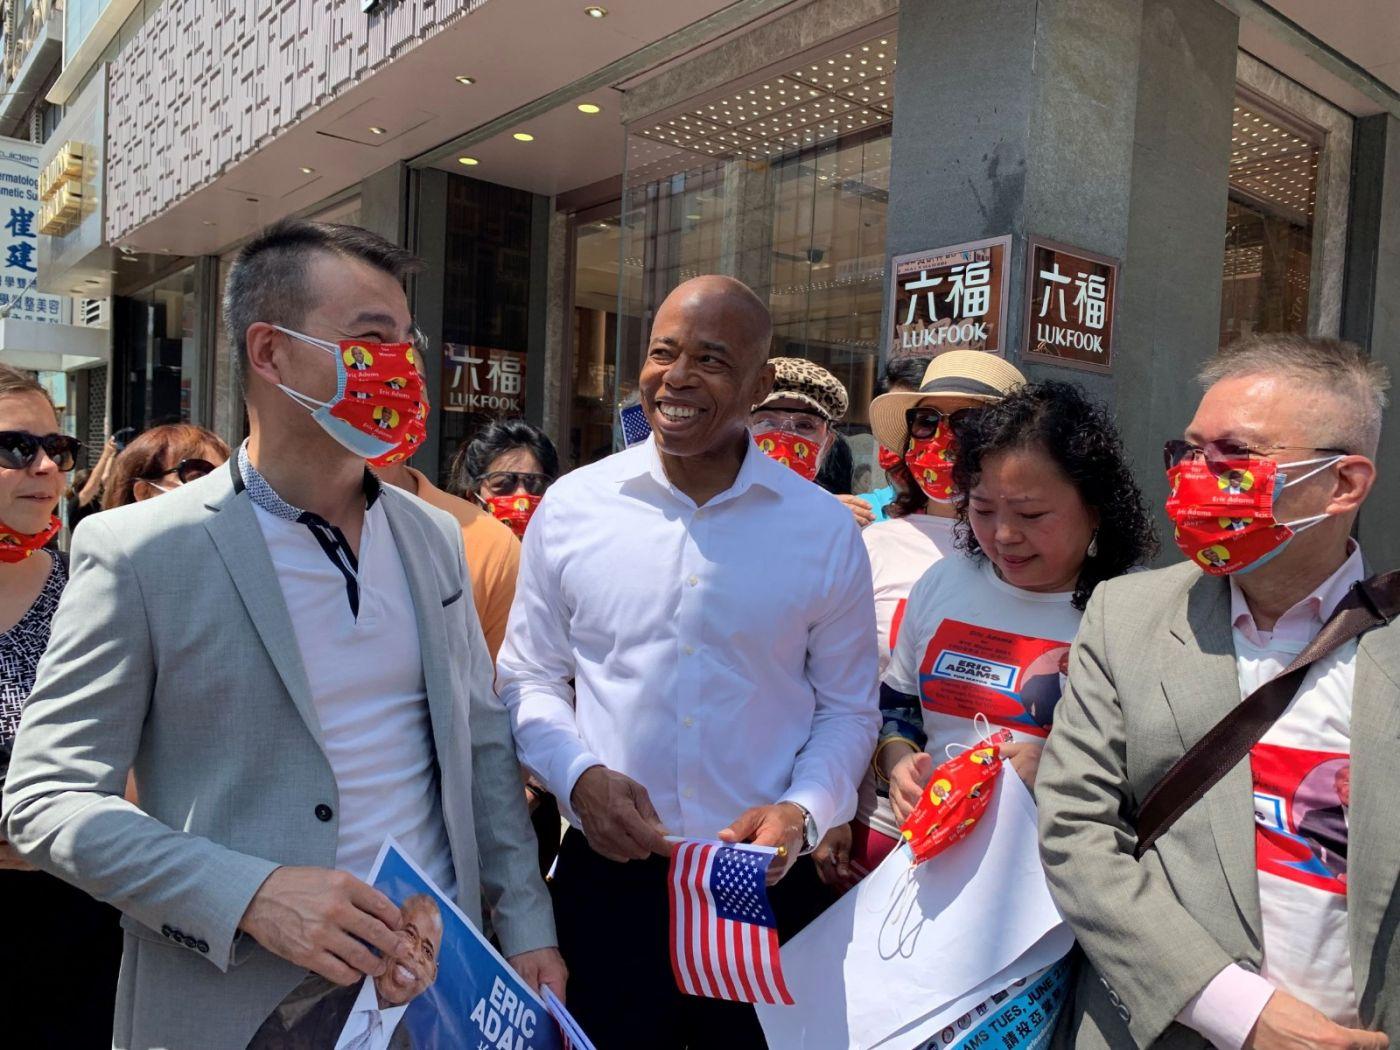 高娓娓:纽约市长竞选人亚当斯拜访唐人街社区民众_图1-17